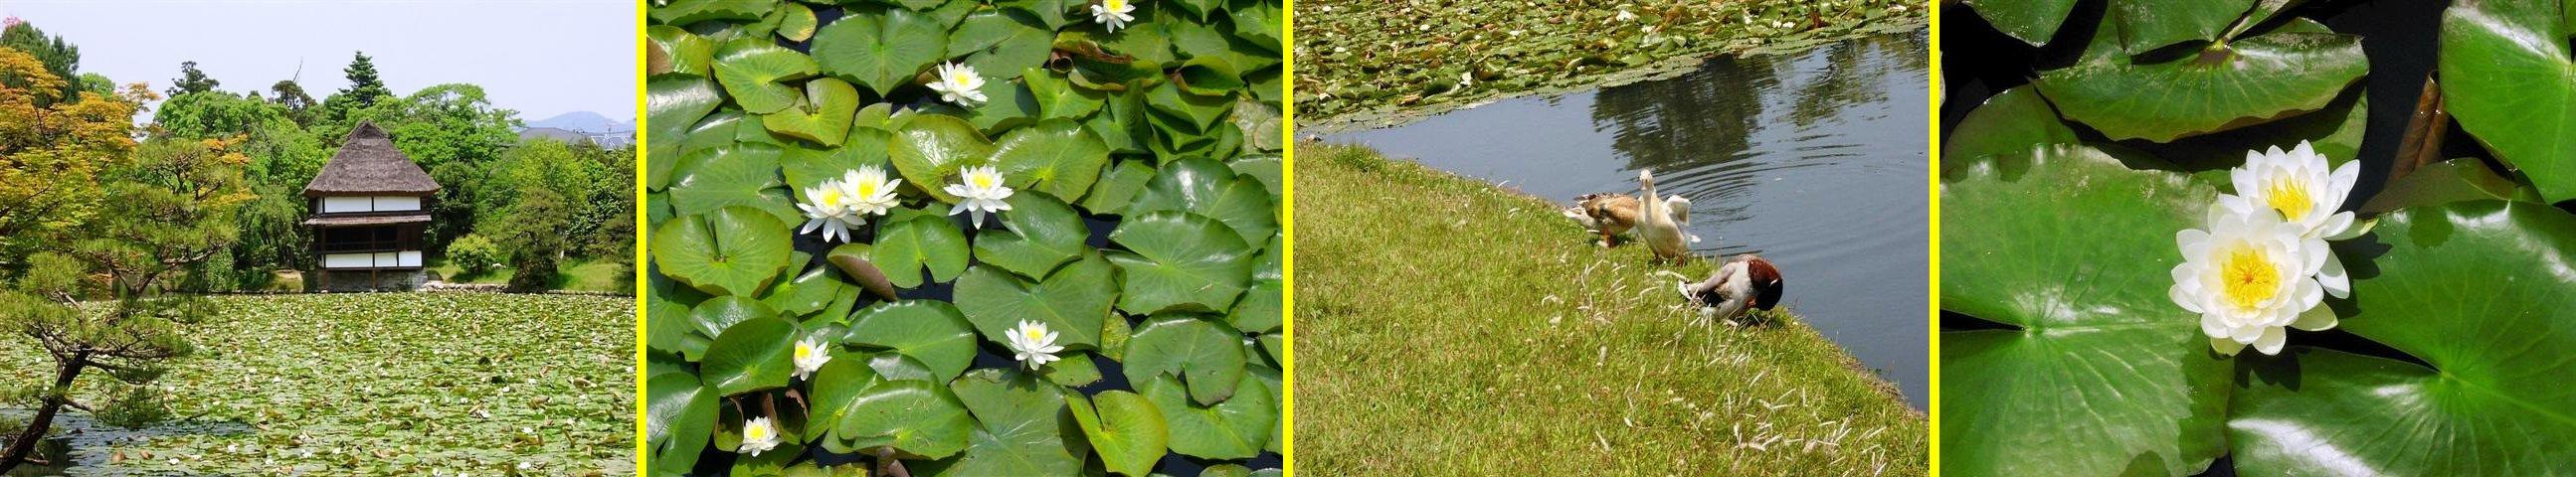 1,000株の睡蓮が池の一面を被って、とても綺麗です。